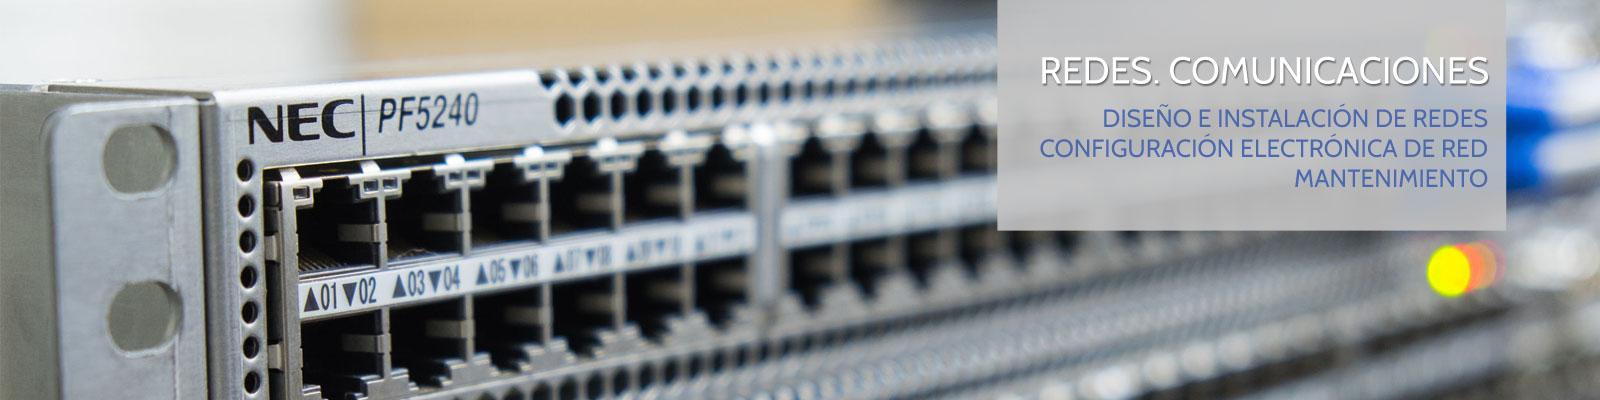 Diseño e instalación de redes de datos